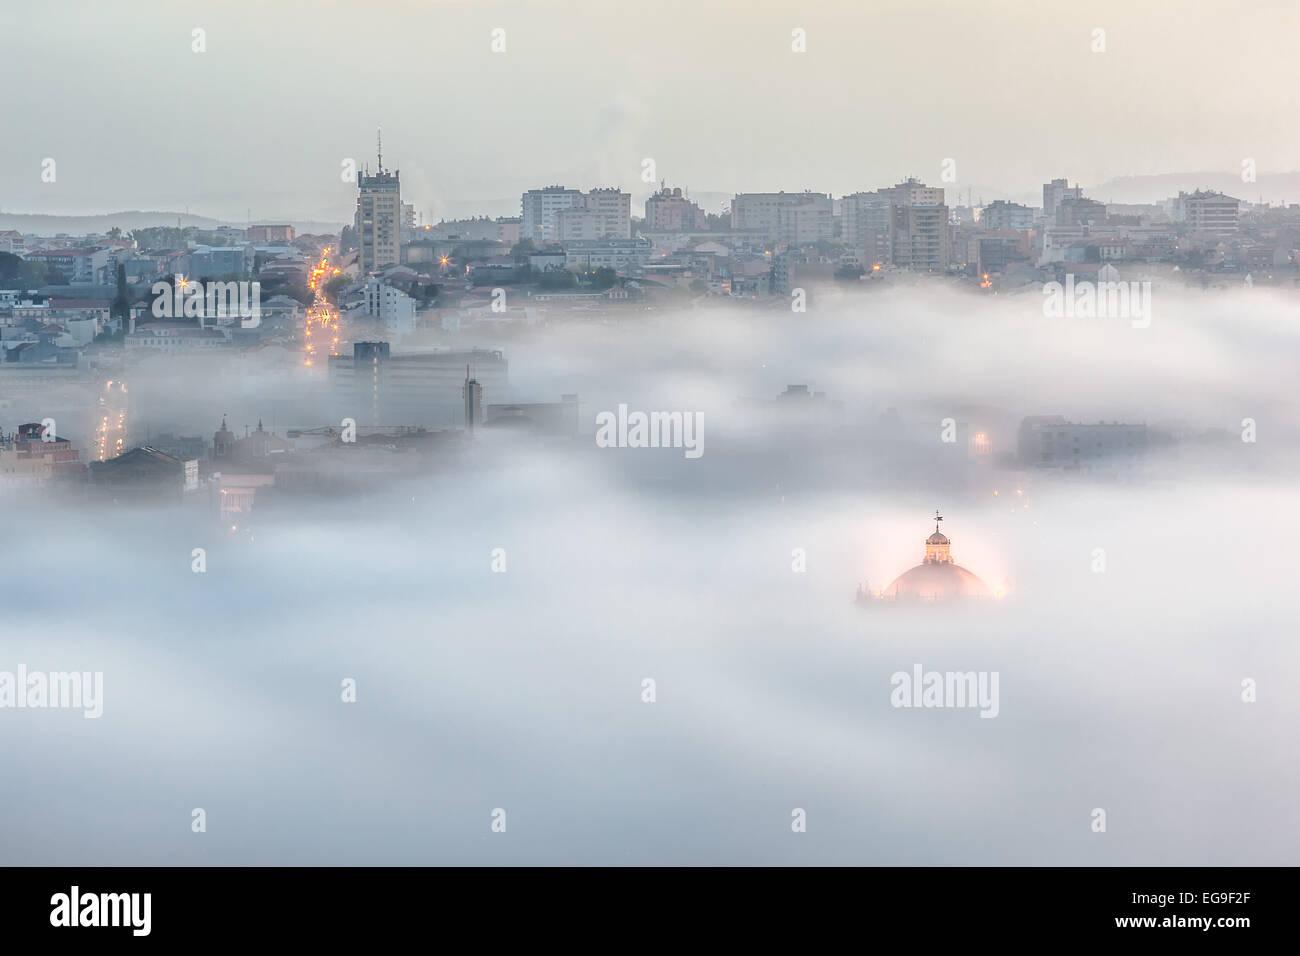 Portugal, Porto, Gaia, Cityscape in fog - Stock Image